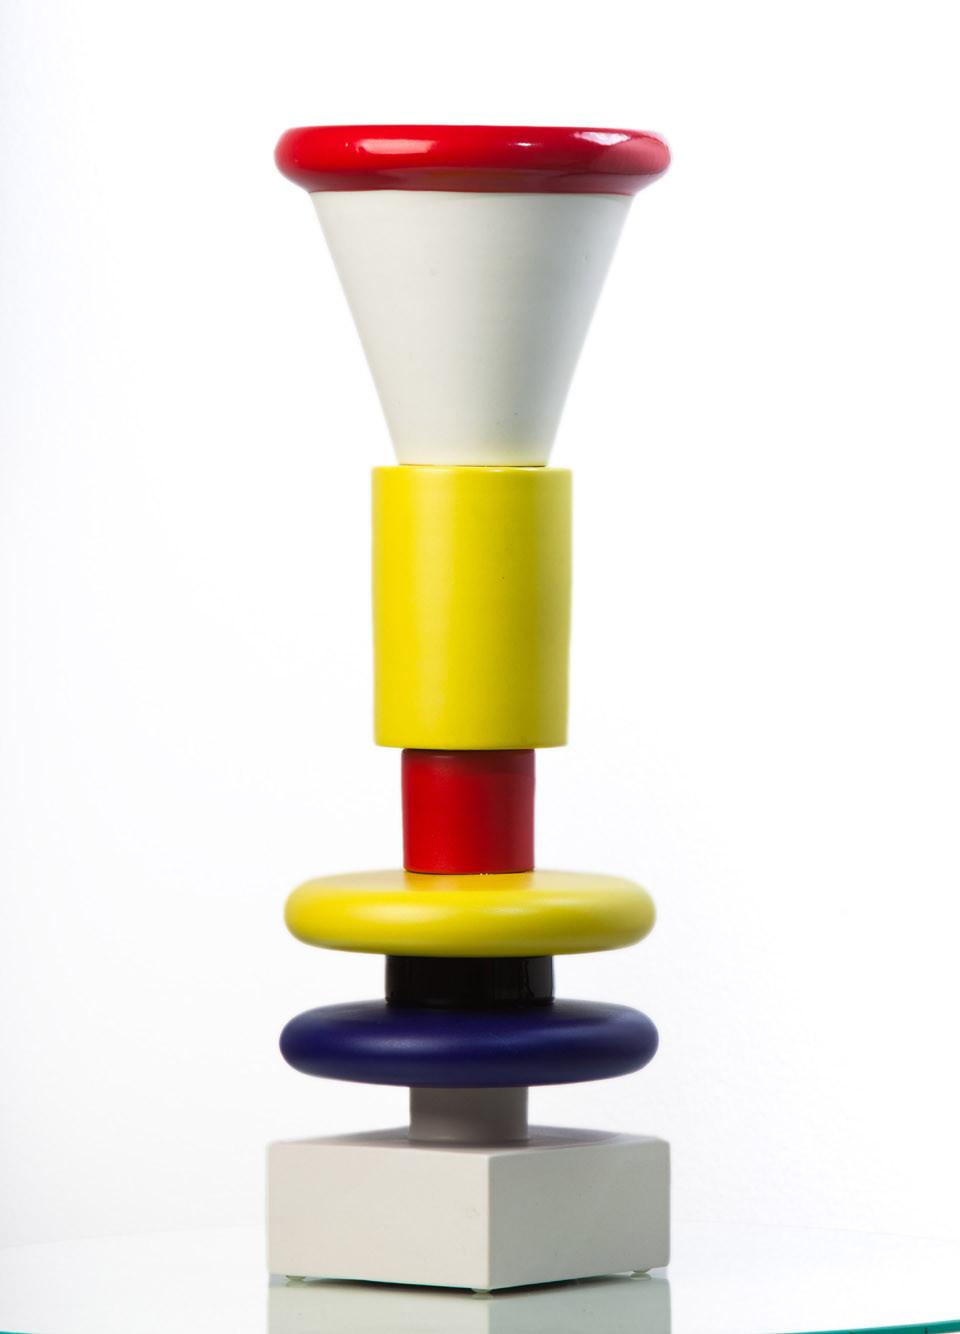 ettore sottsass vase of ettore sottsass studio guastalla in sottsass vaso